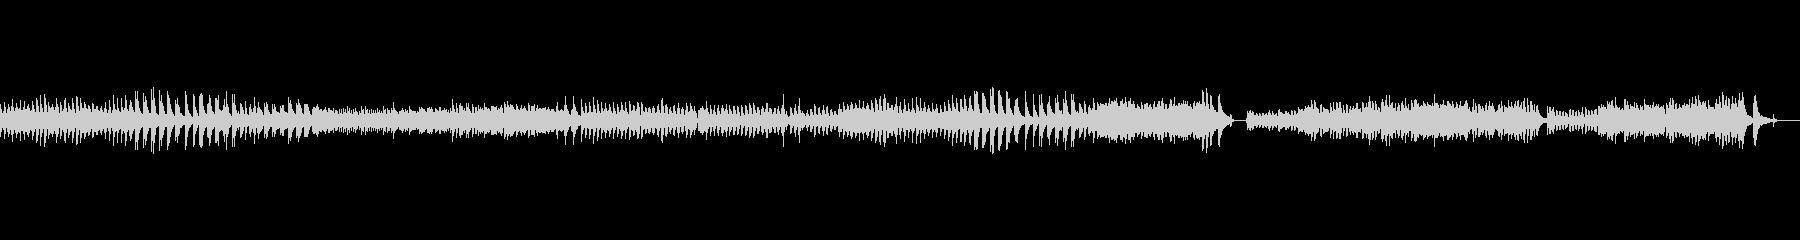 切ないチェンバロ曲の未再生の波形